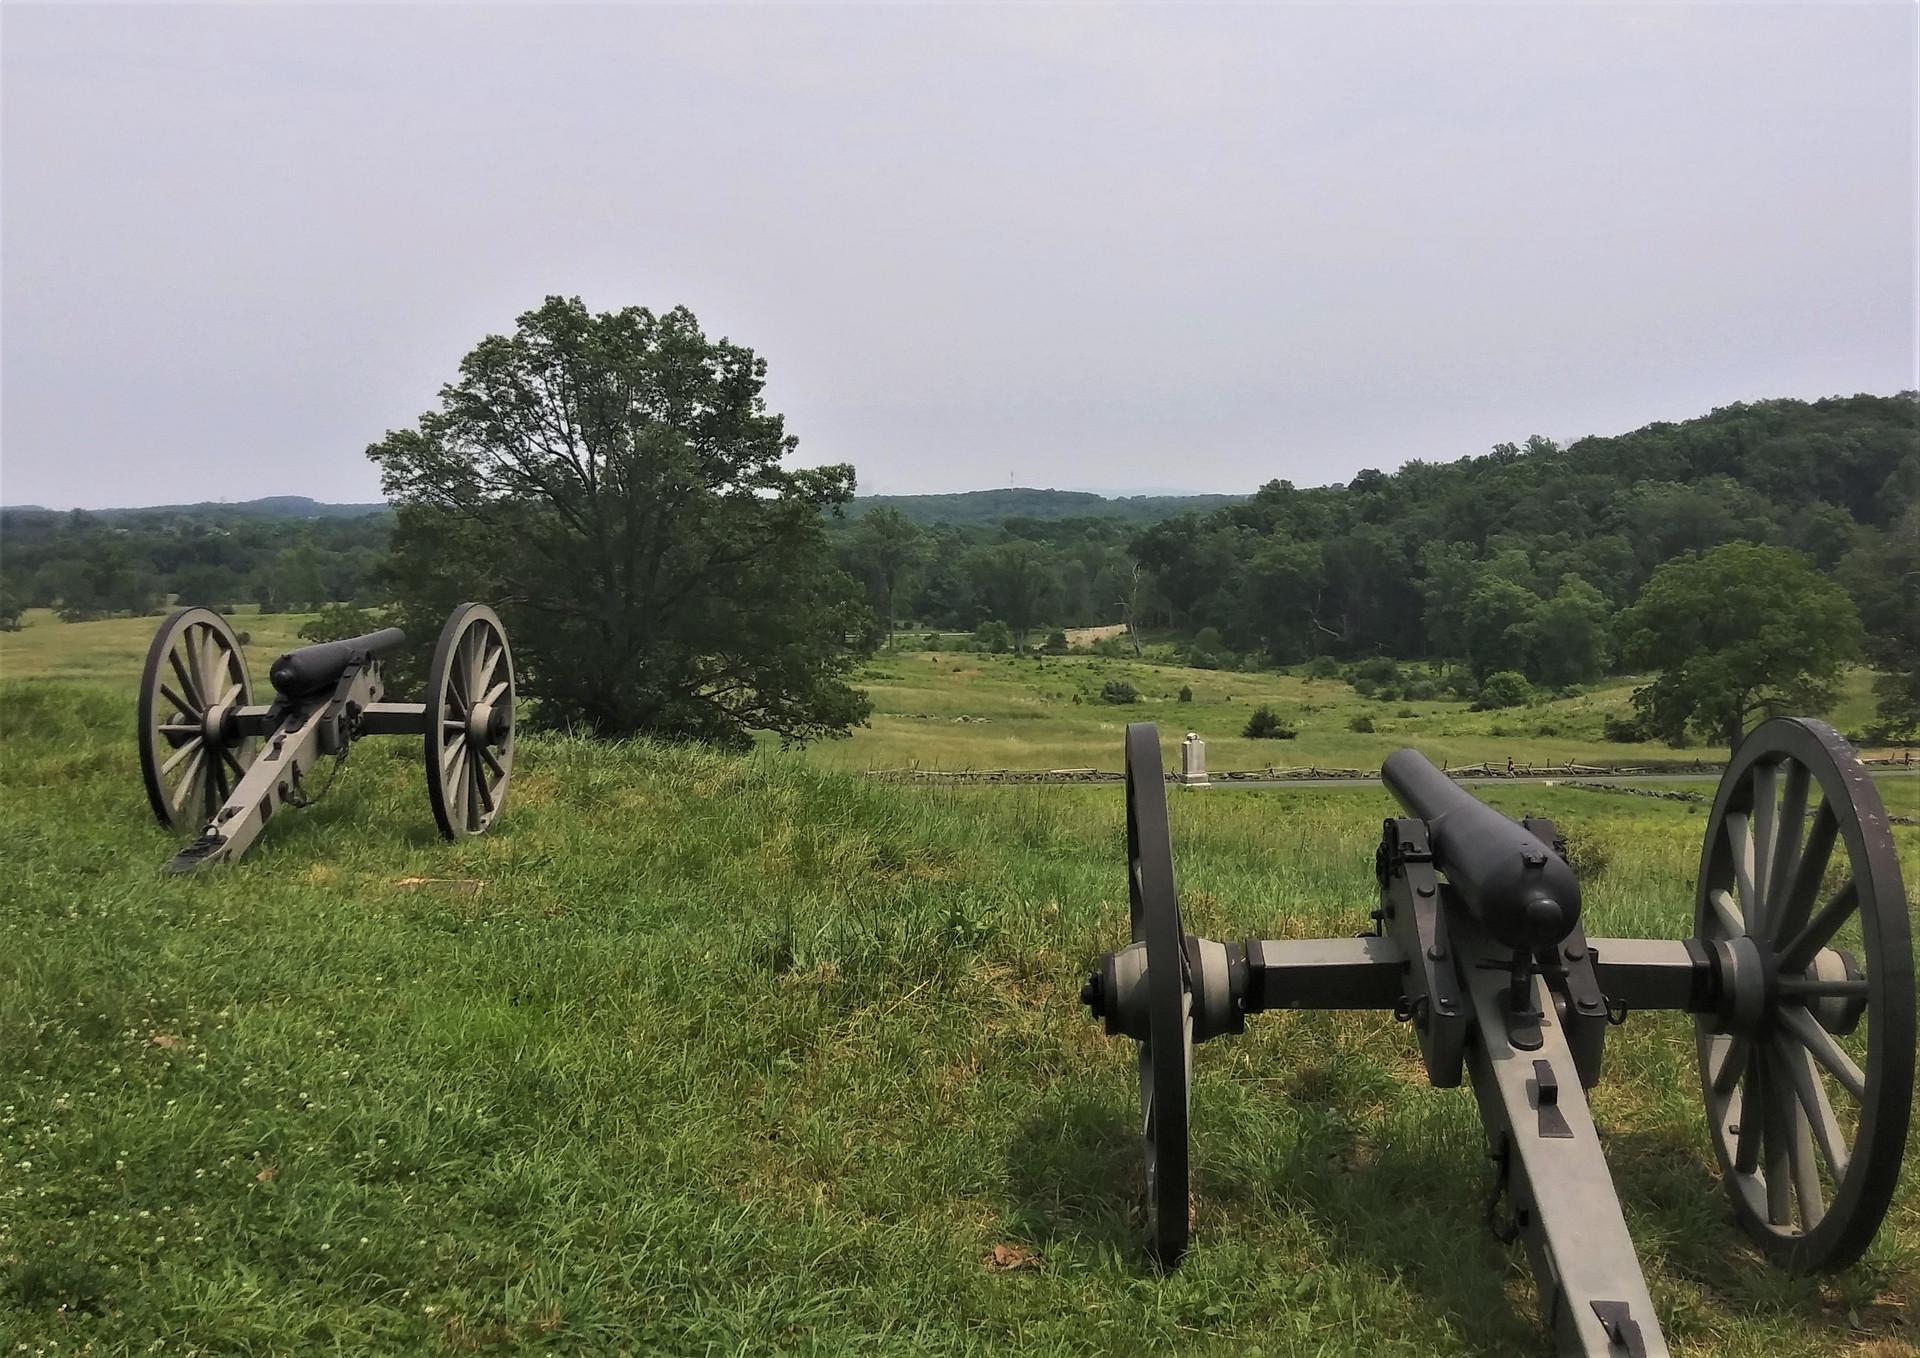 Battlefield of Gettysburg PA